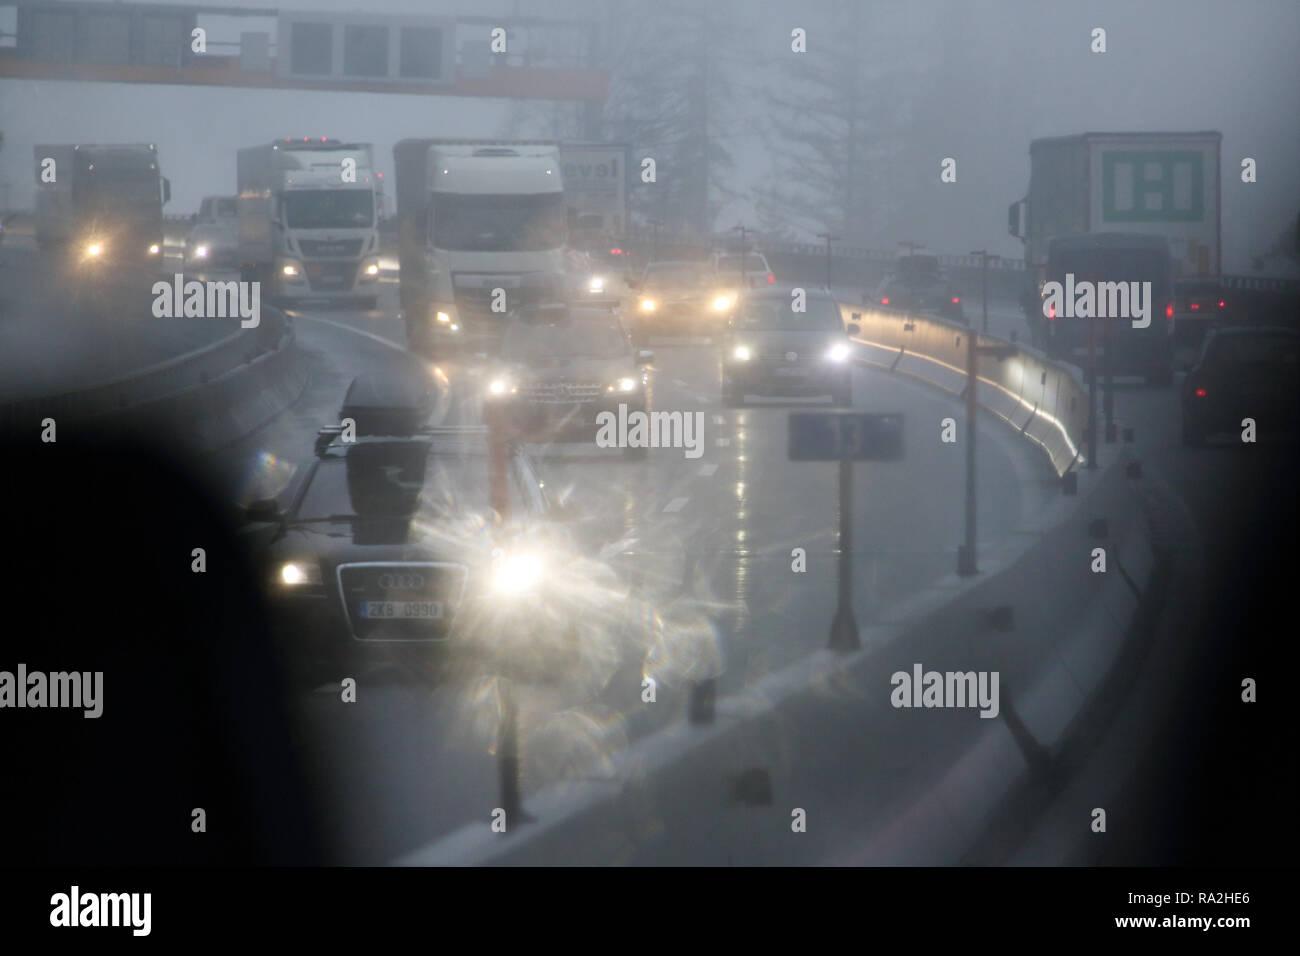 10.02.2018, Tirol, Endach, Oesterreich, Symbolfoto, schlechte Sicht im Strassenverkehr bei Nebel. 00S180210D002CARO.JPG [MODEL RELEASE: NOT APPLICABLE - Stock Image